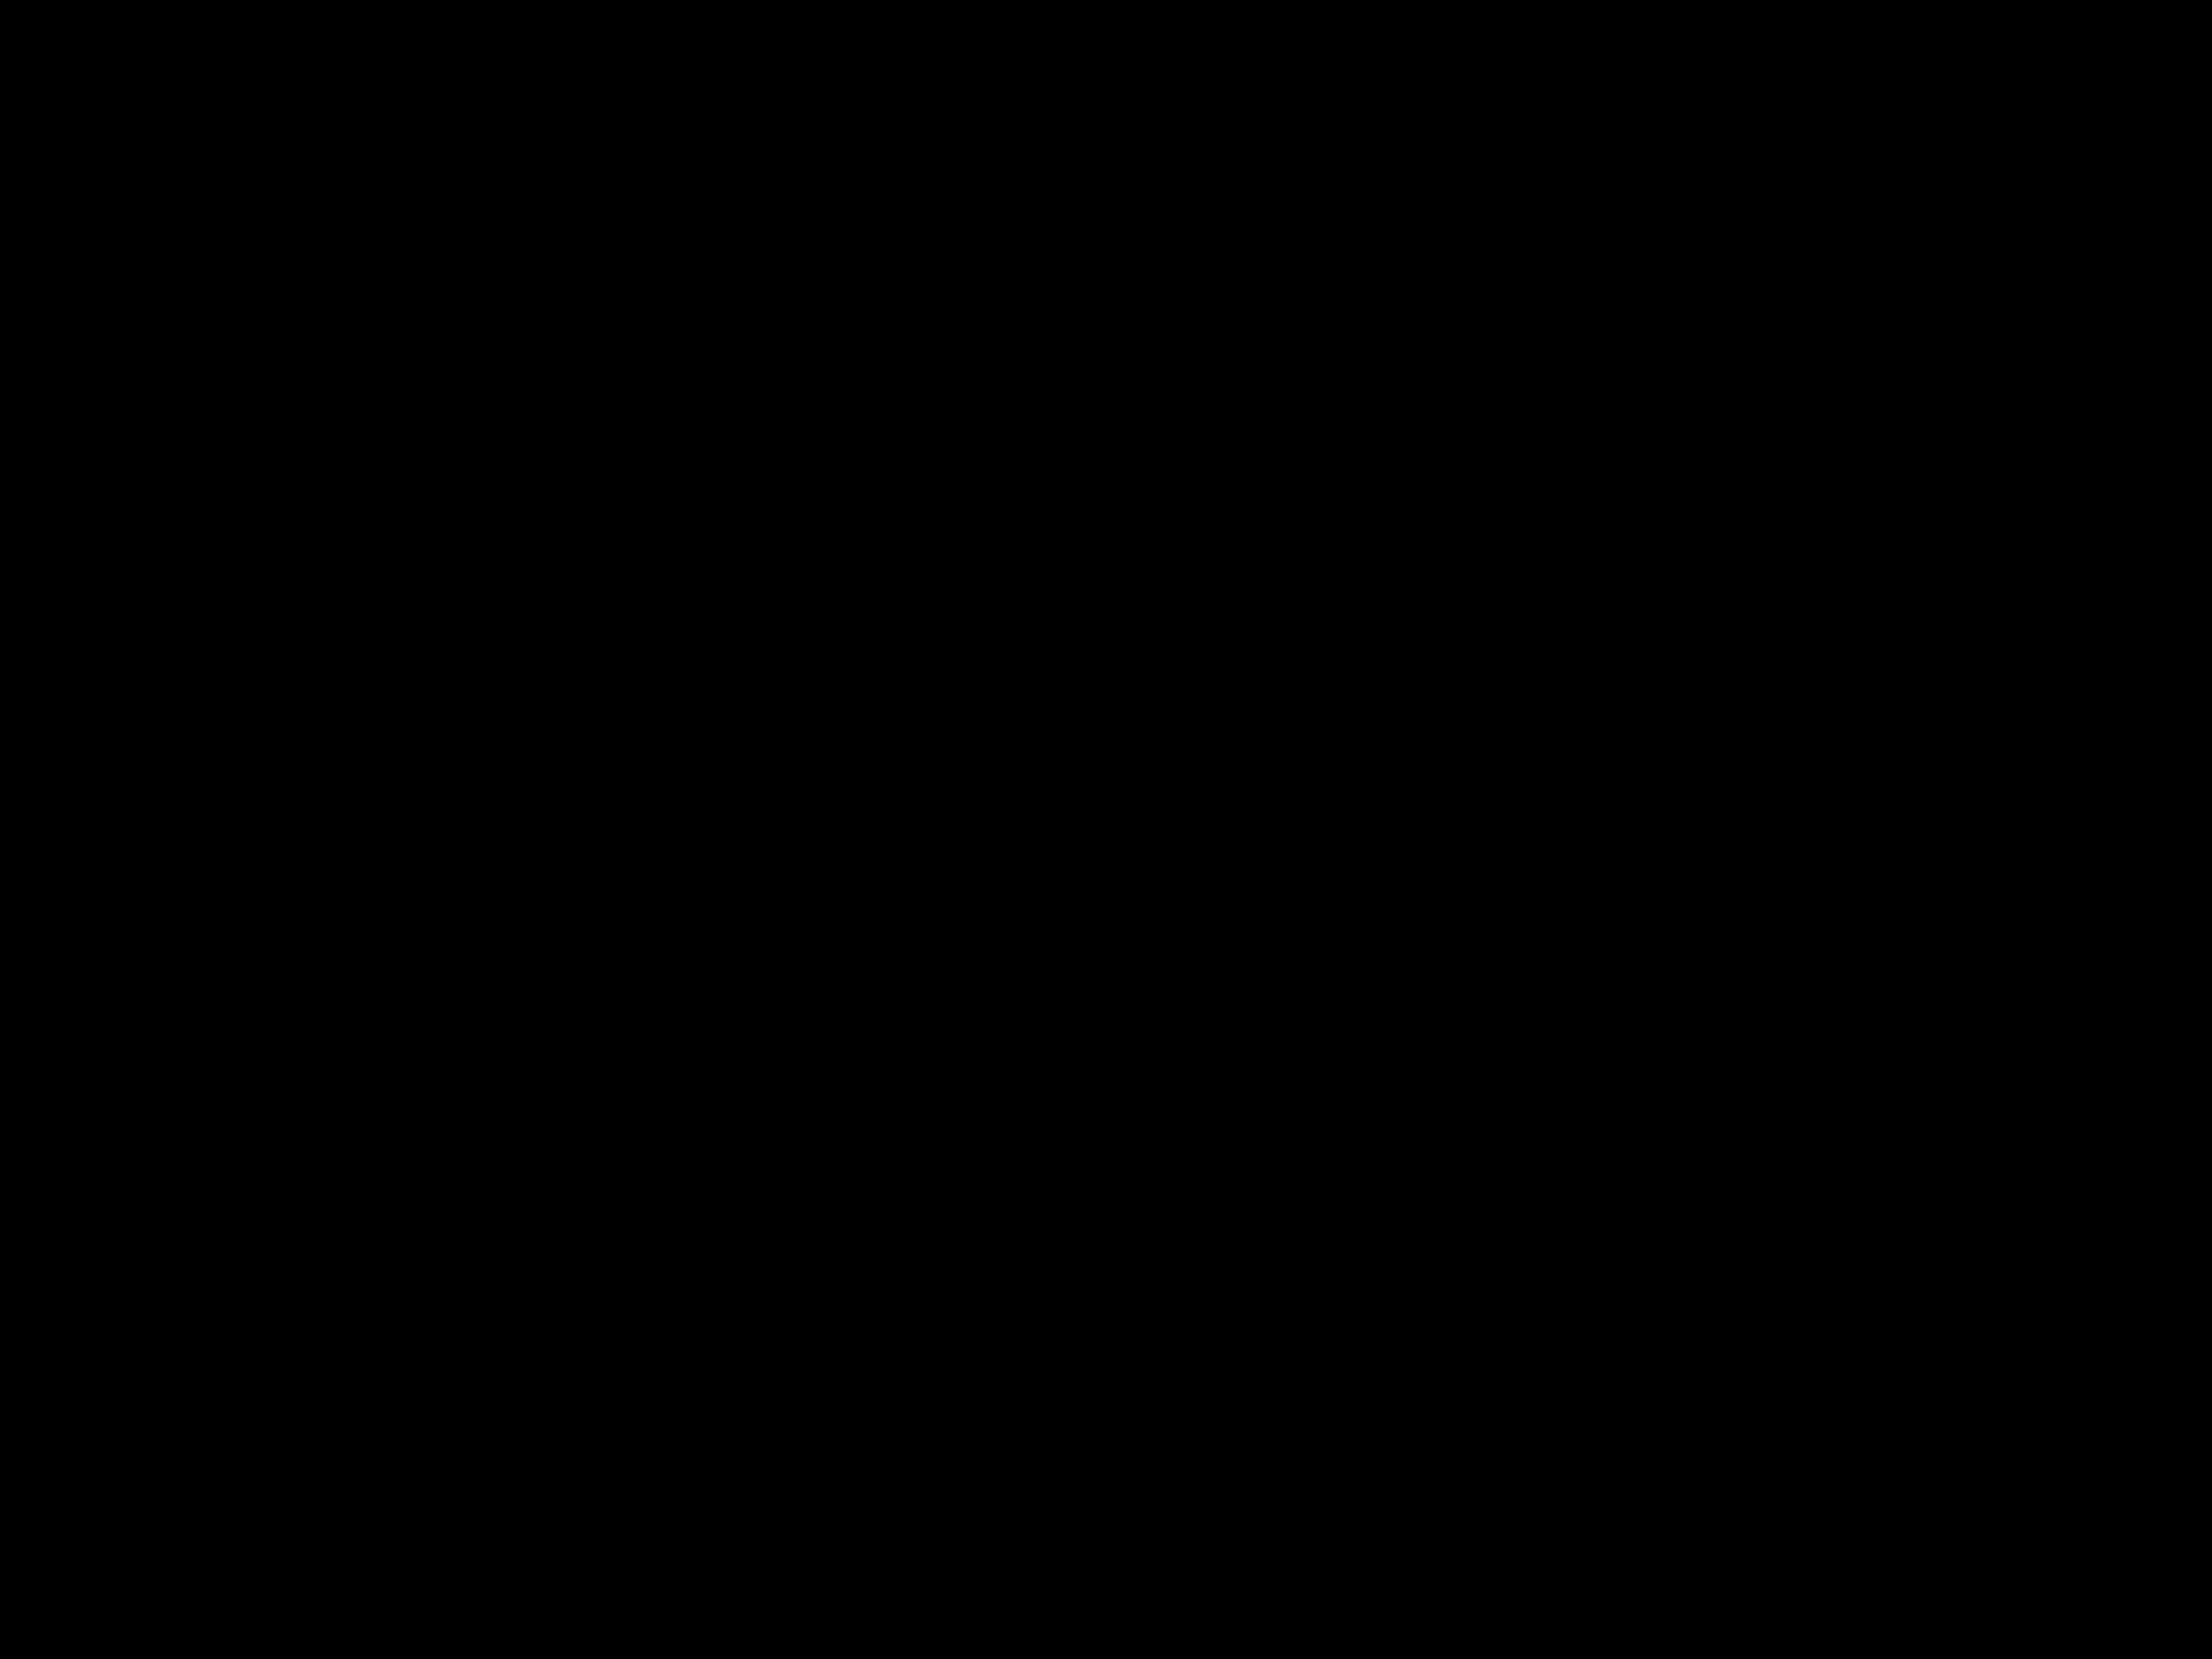 applikation selber machen winter handschuhe. Black Bedroom Furniture Sets. Home Design Ideas